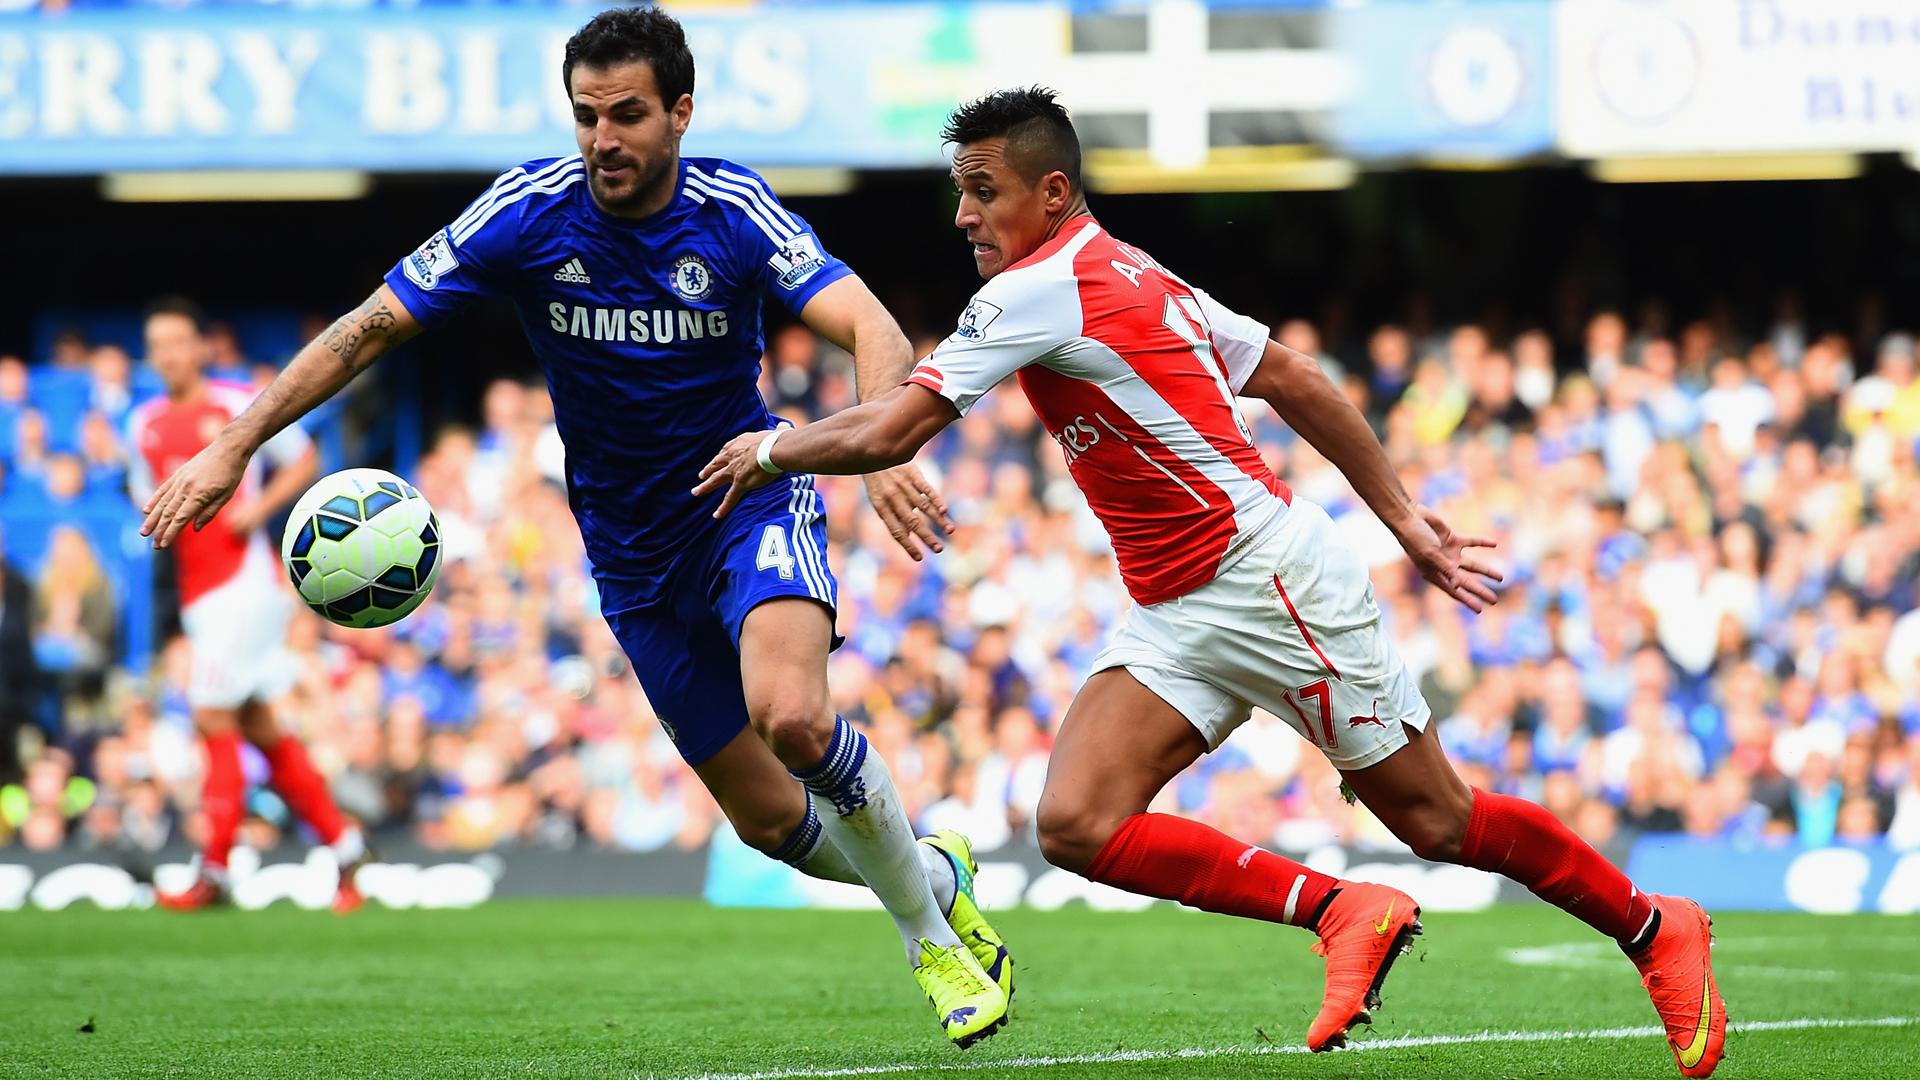 """Arsenal vs Chelsea, 02h45 ngày 04/01: """"Pháo"""" run rẩy, mối họa từ """"sát thủ"""" ẩn mình"""